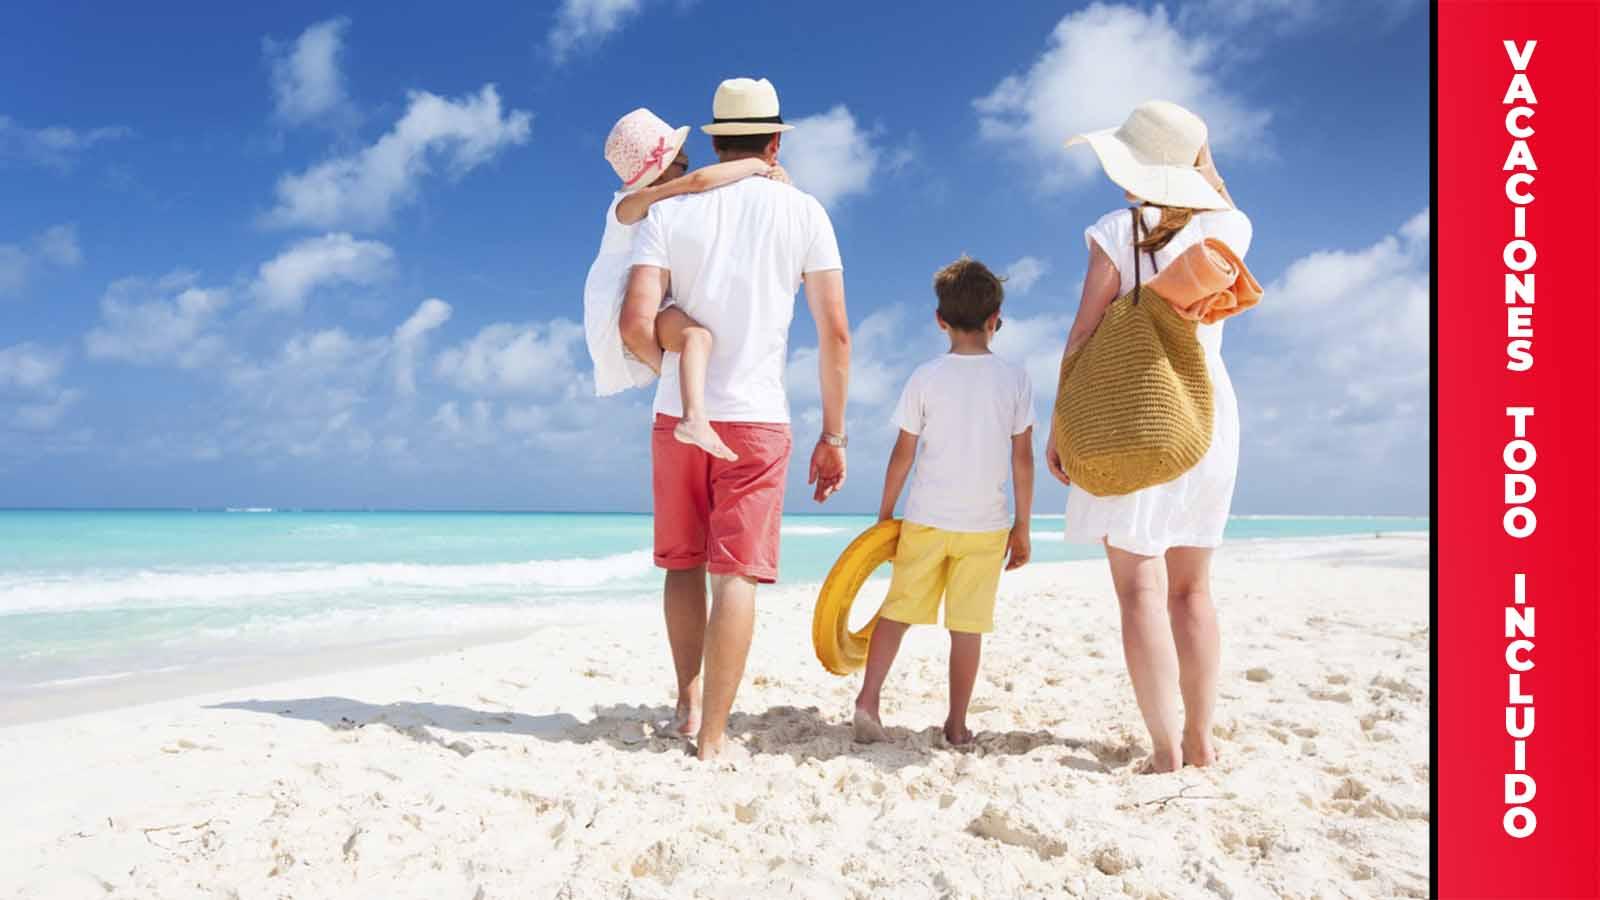 Vacaciones familiares en Cancún todo incluido